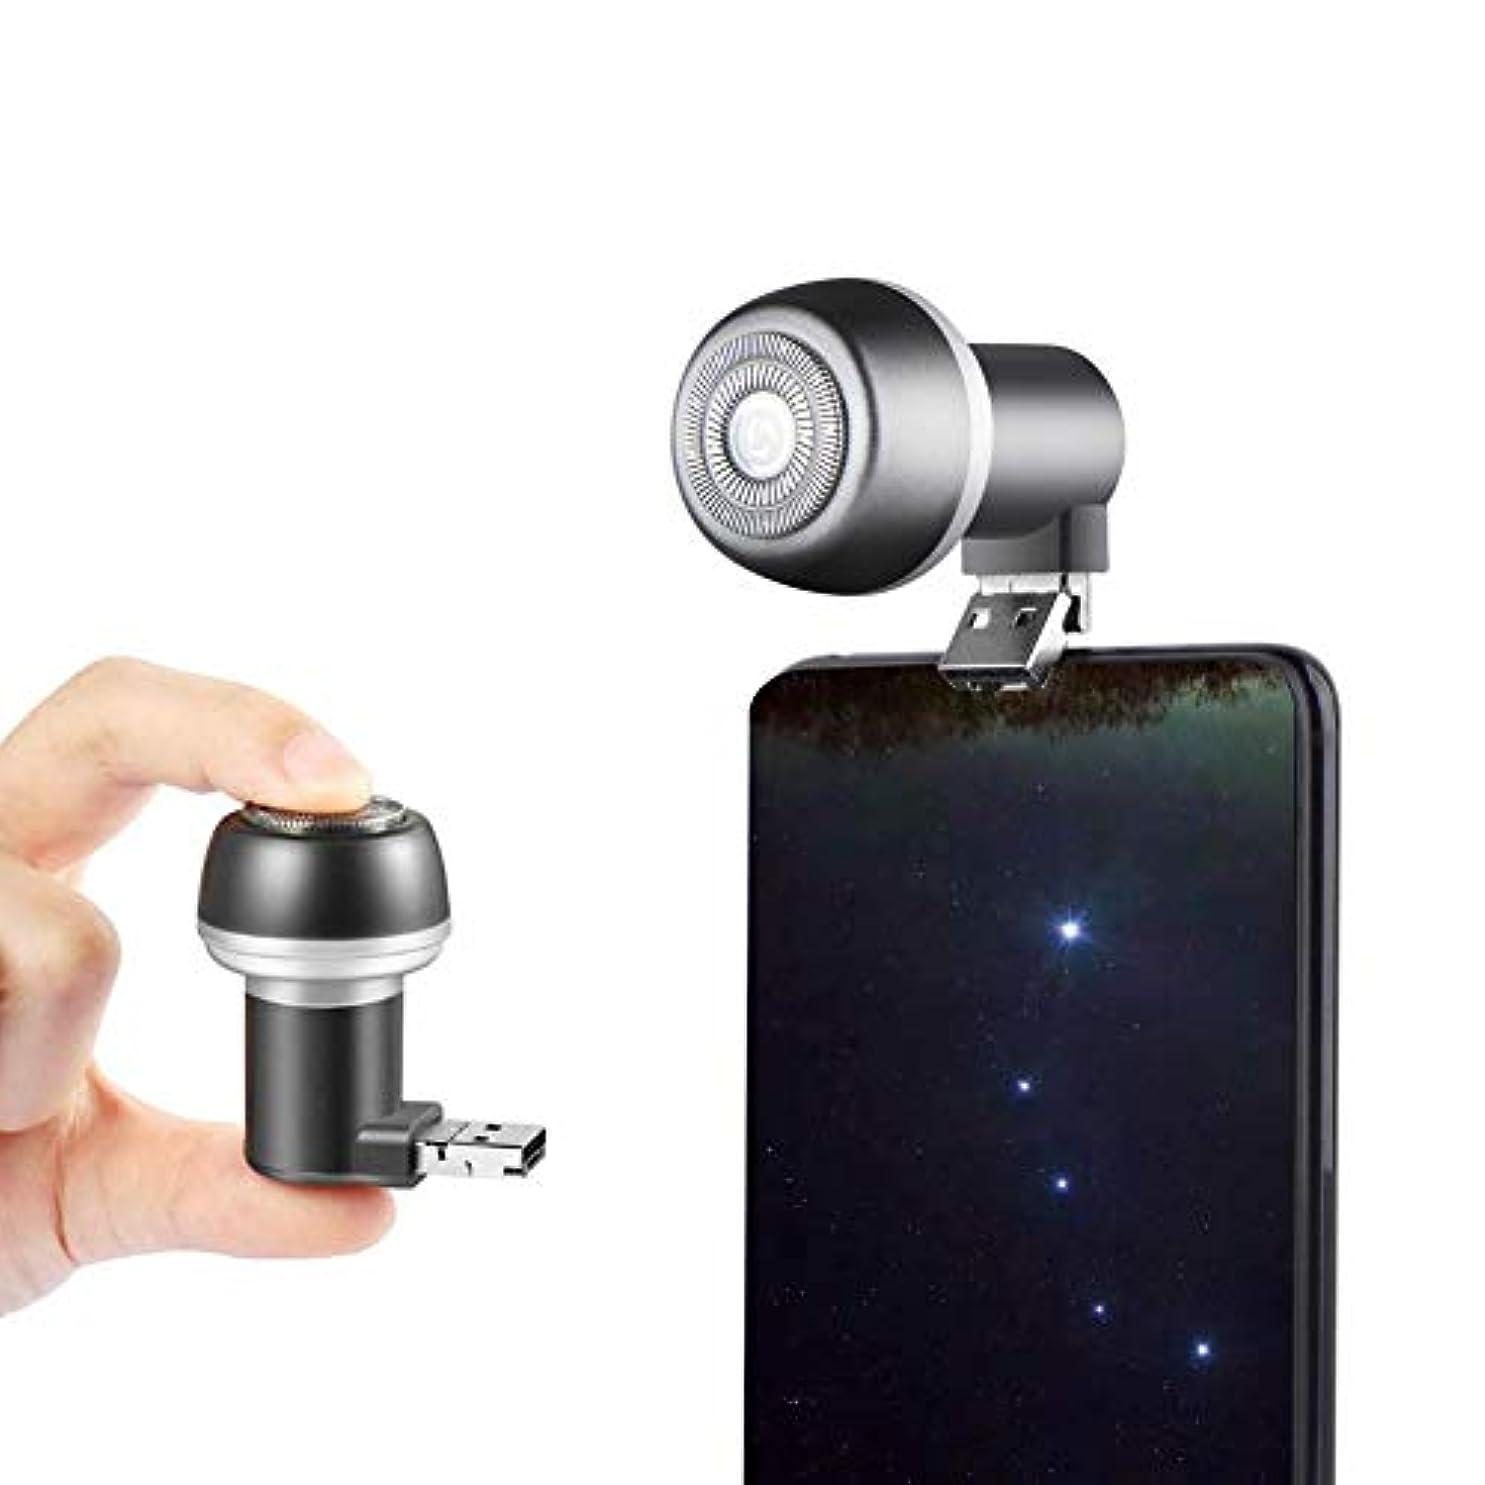 ウナギ巨大な糸USBかみそり旅行、男女兼用の小型磁気Smartphoneの電気かみそりの防水脇の下の脱毛器,Gray